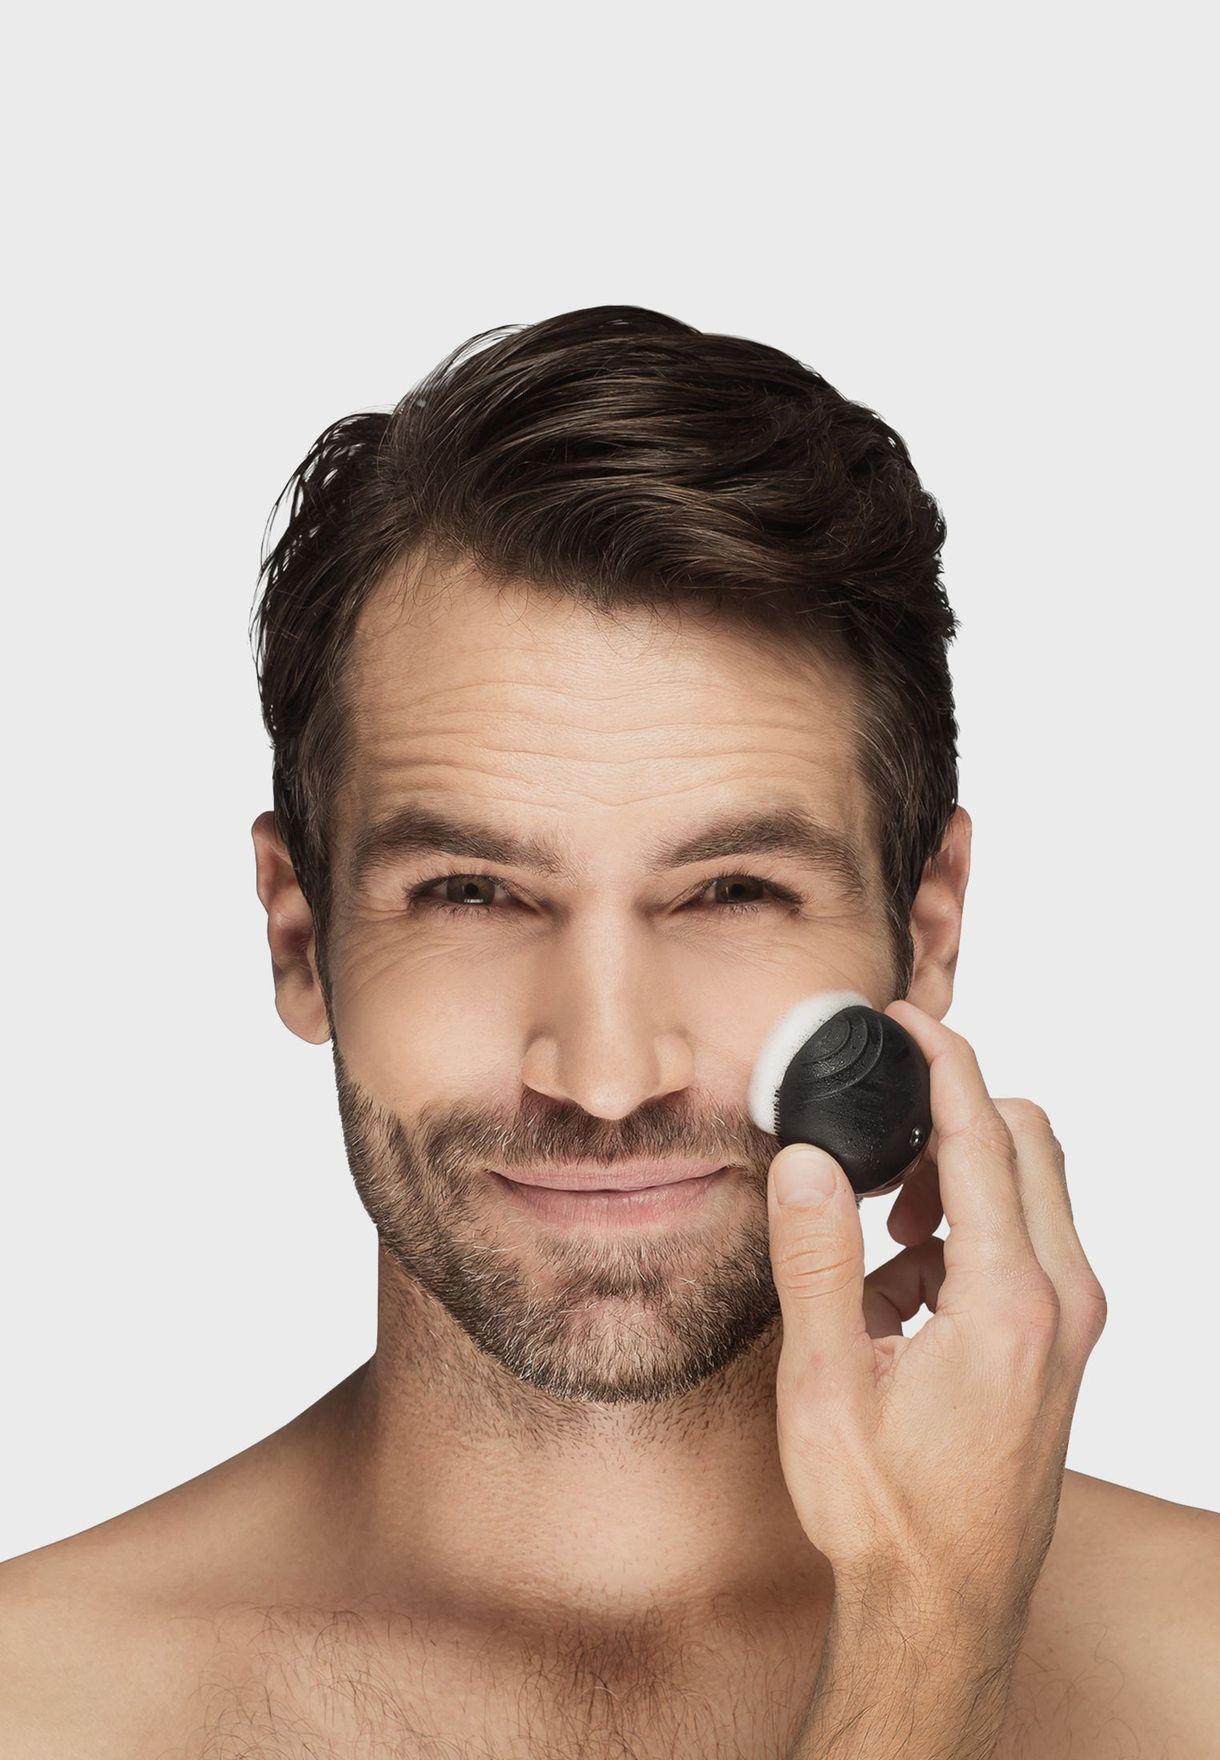 فرشاة لونا جو لتنظيف الوجه للرجال